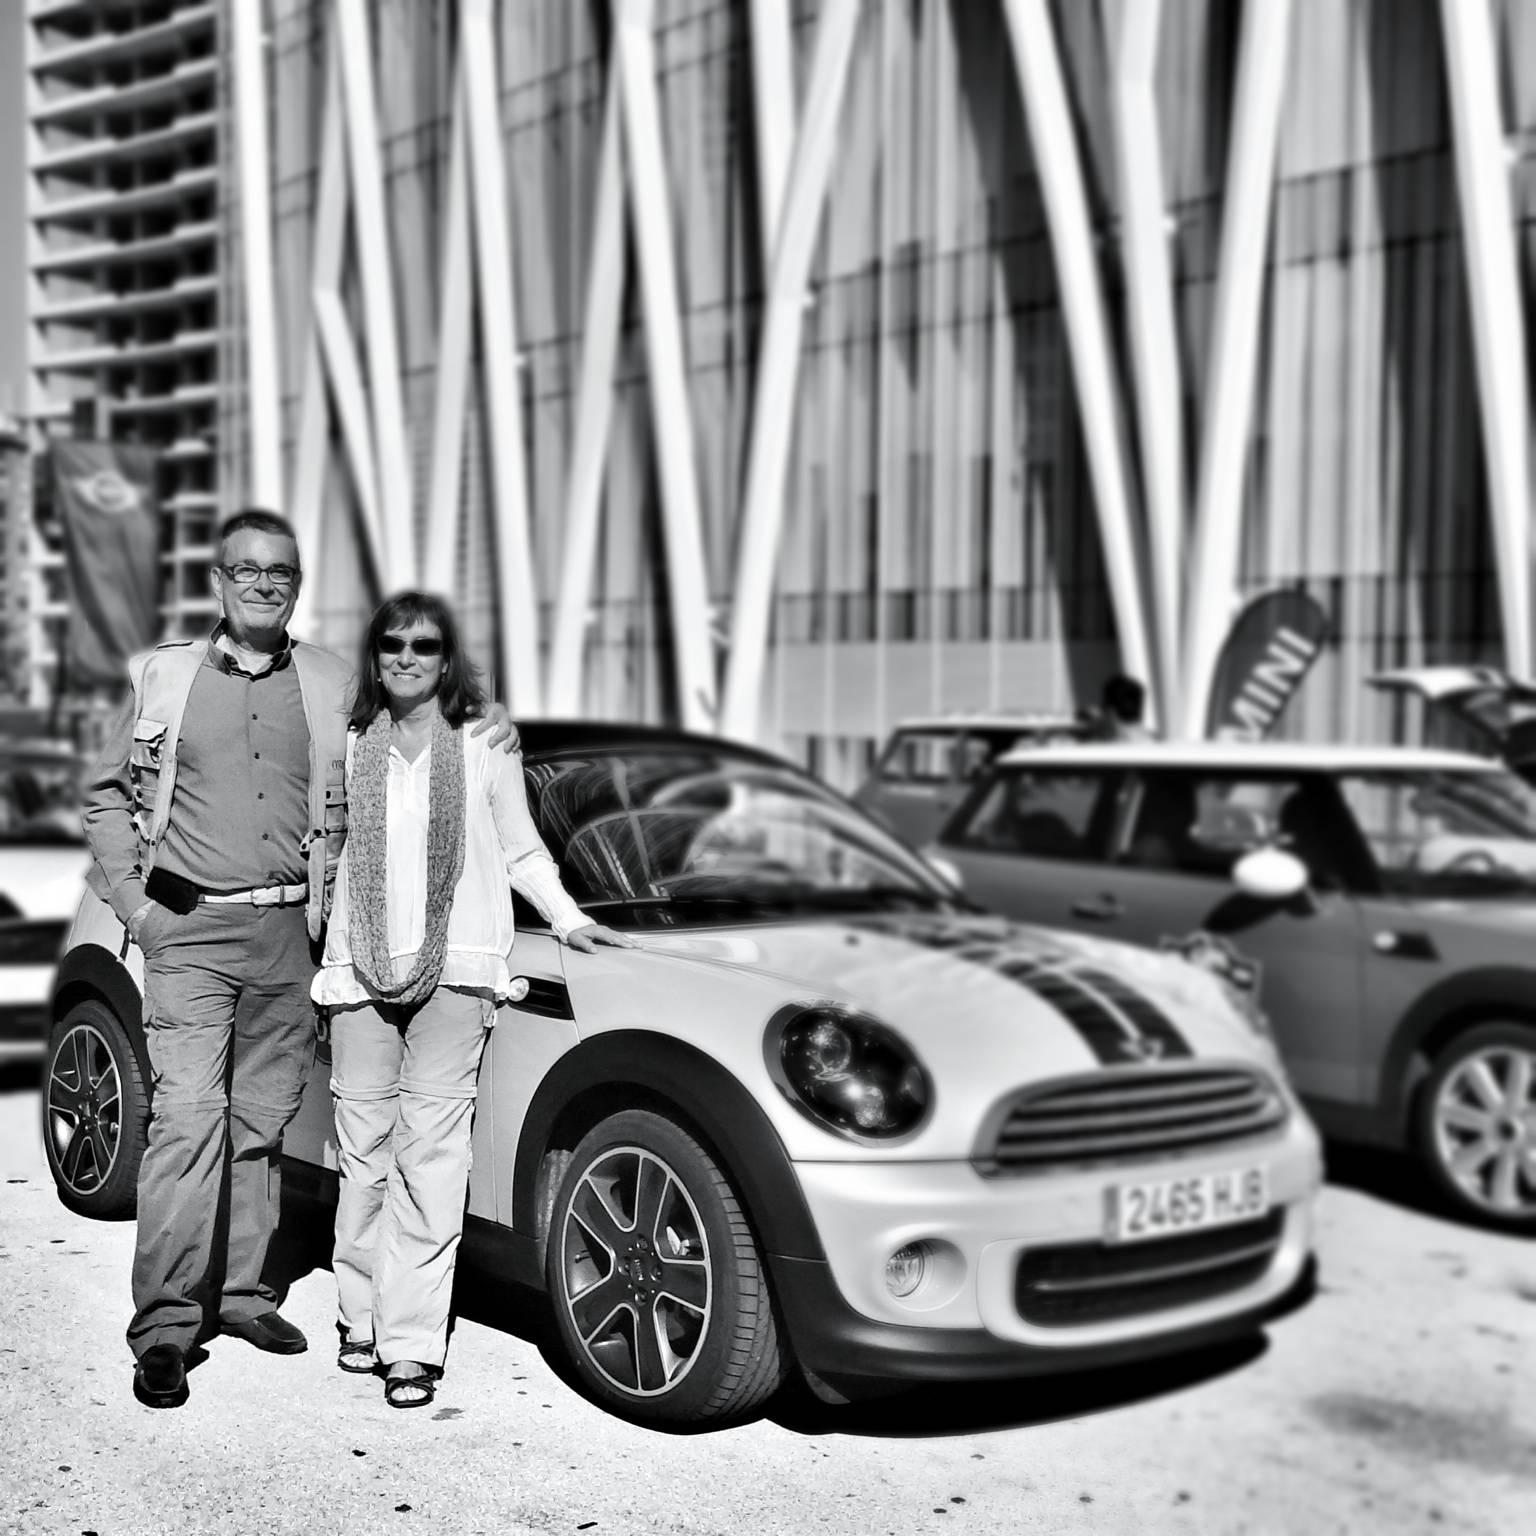 El viaje al MINI United 2012 de dos enamorados gracias a Instagram